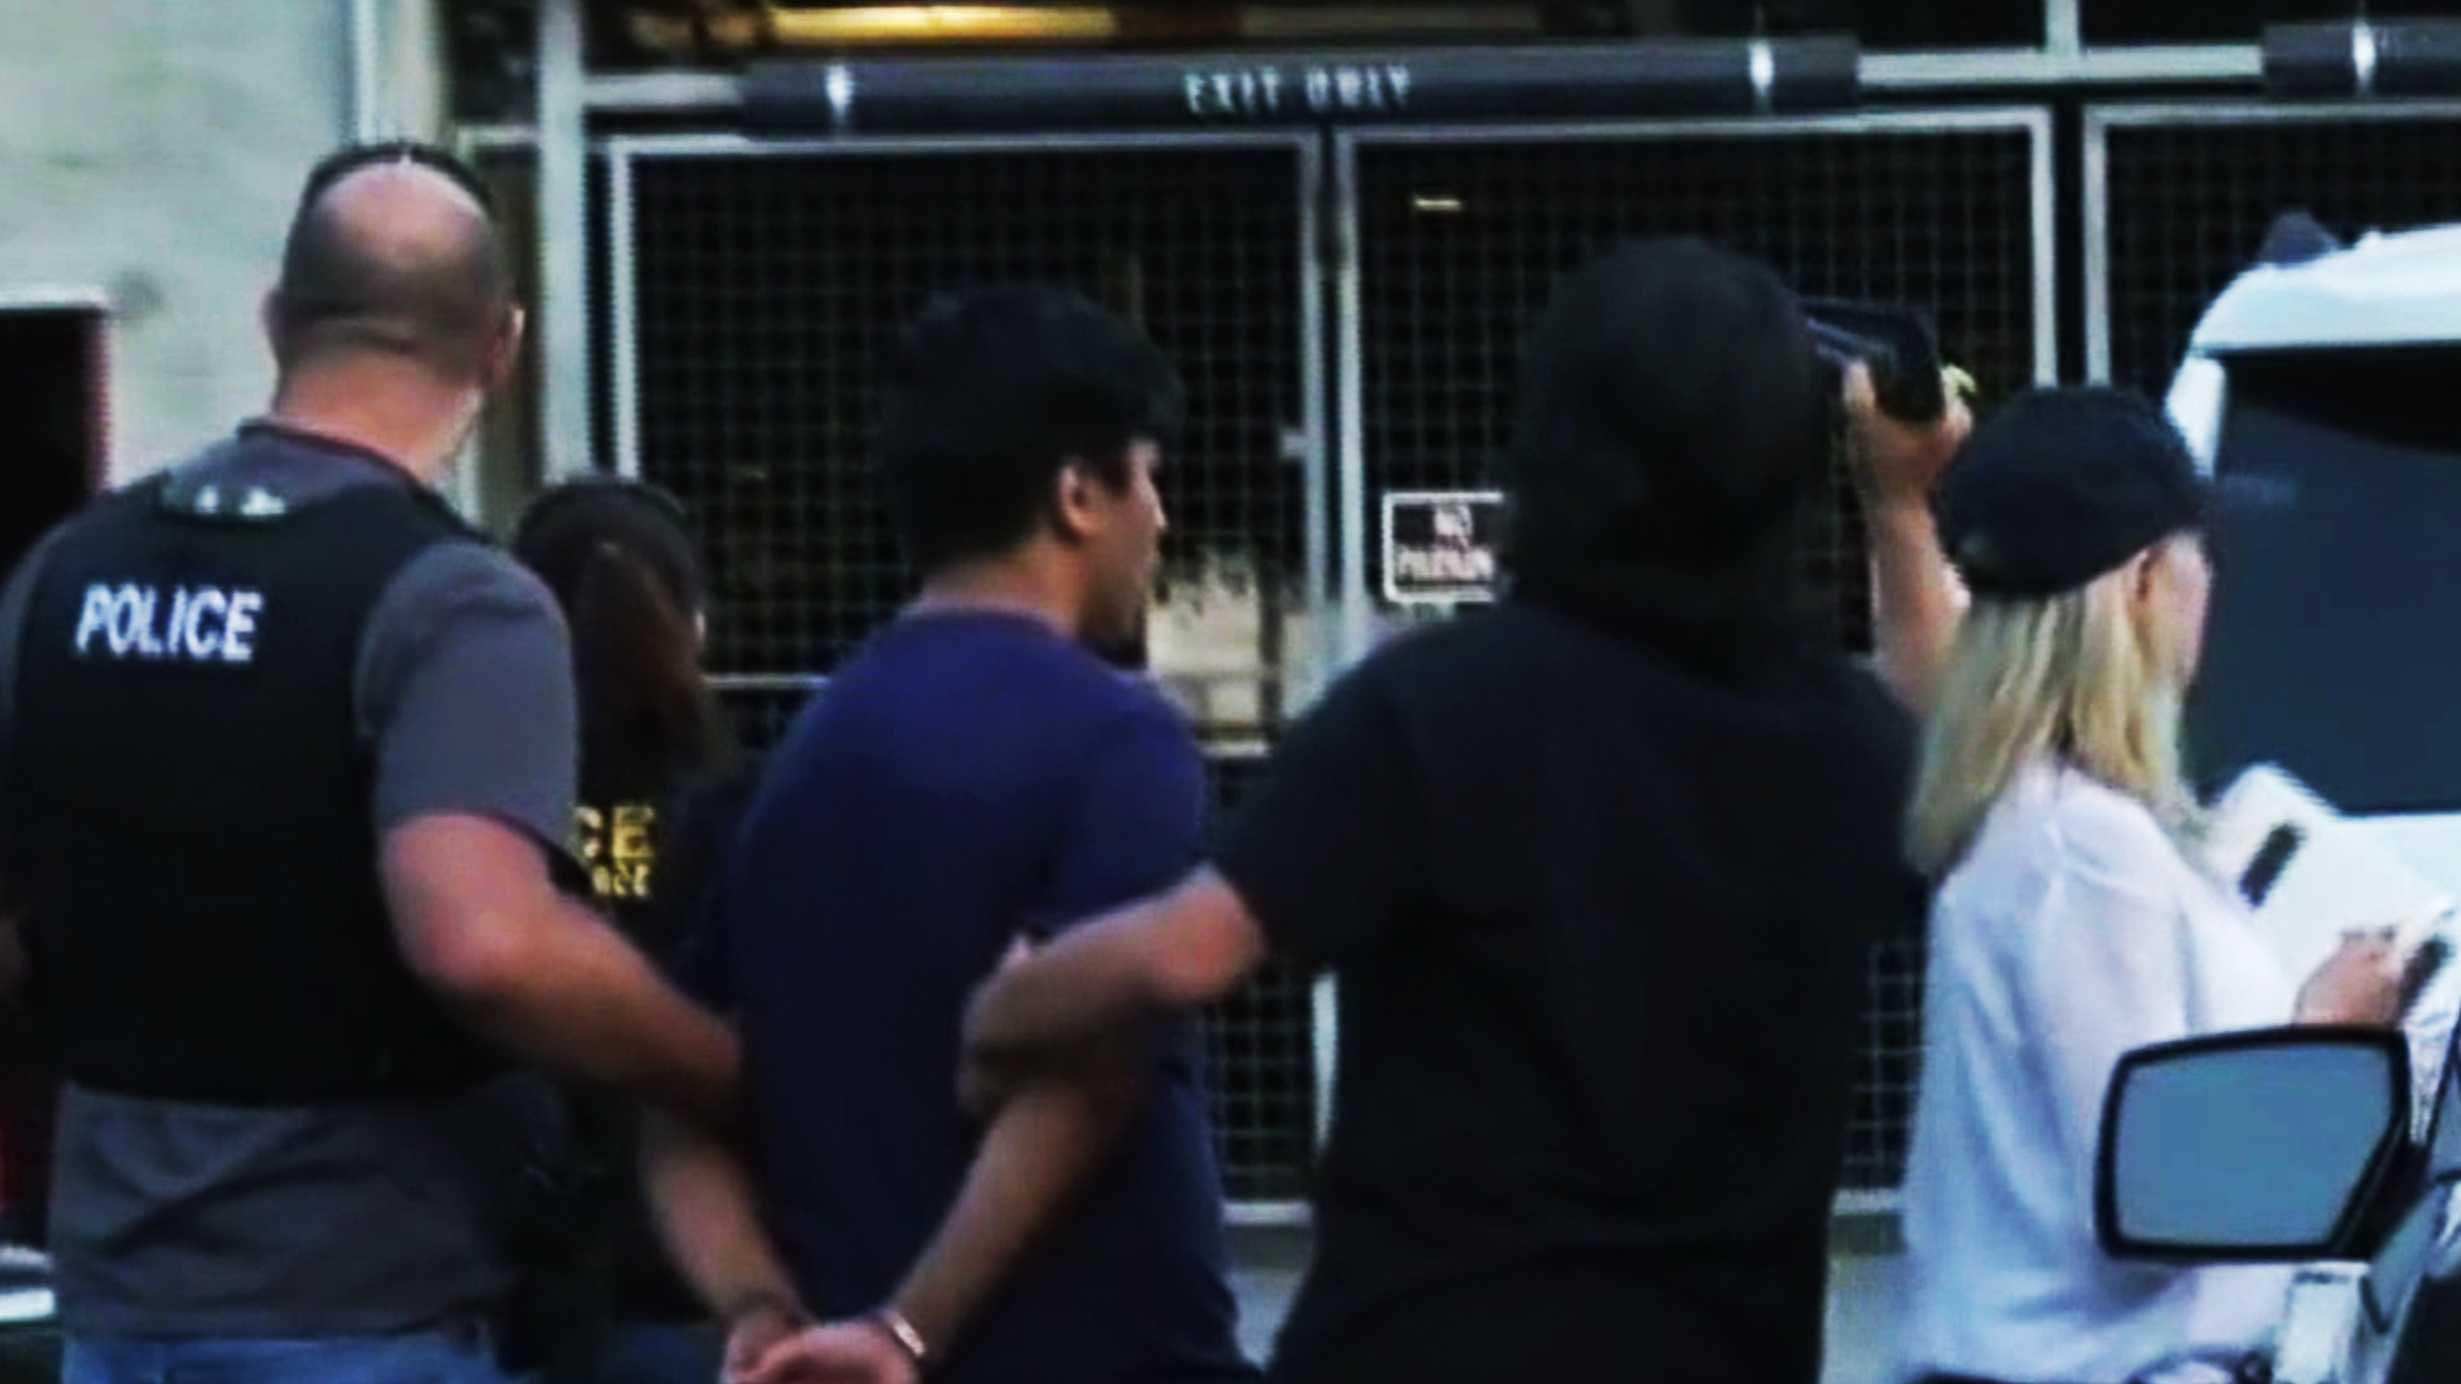 A 15-year-old Santa Cruz boy is led away in handcuffs on July 27, 2015.